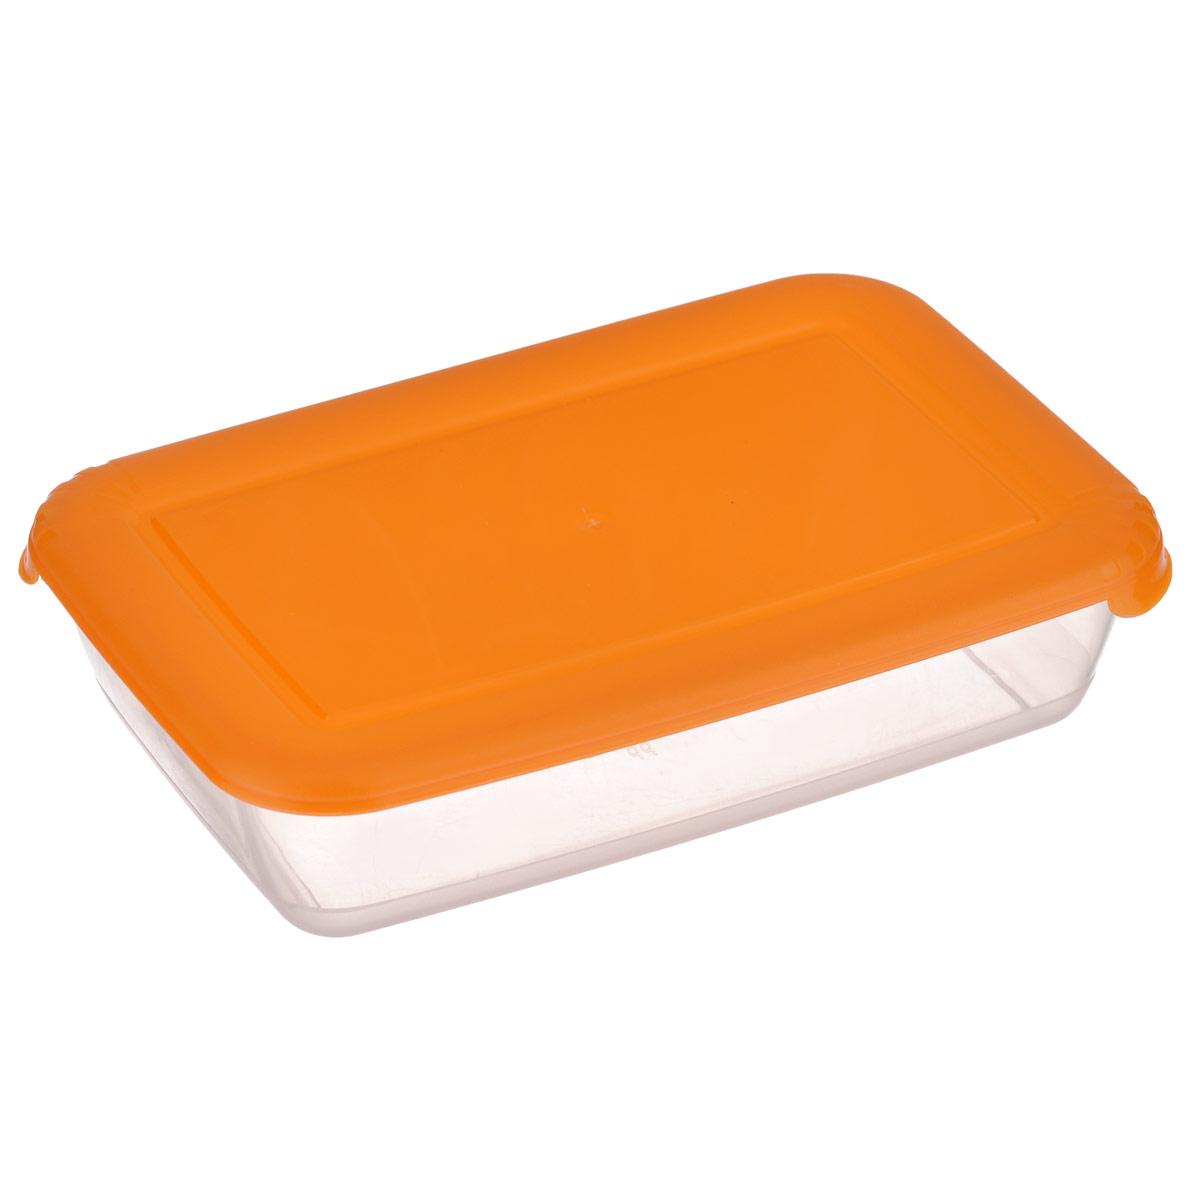 Контейнер для СВЧ Полимербыт Лайт, цвет: оранжевый, 0,45 лС551 оранжевыйПрямоугольный контейнер для СВЧ Полимербыт Лайт изготовлен из высококачественного прочного пластика, устойчивого к высоким температурам (до +120°С). Цветная полупрозрачная крышка плотно закрывается, дольше сохраняя продукты свежими и вкусными. Контейнер идеально подходит для хранения пищи, его удобно брать с собой на работу, учебу, пикник или просто использовать для хранения пищи в холодильнике.Подходит для разогрева пищи в микроволновой печи и для заморозки в морозильной камере (при минимальной температуре -40°С). Можно мыть в посудомоечной машине.